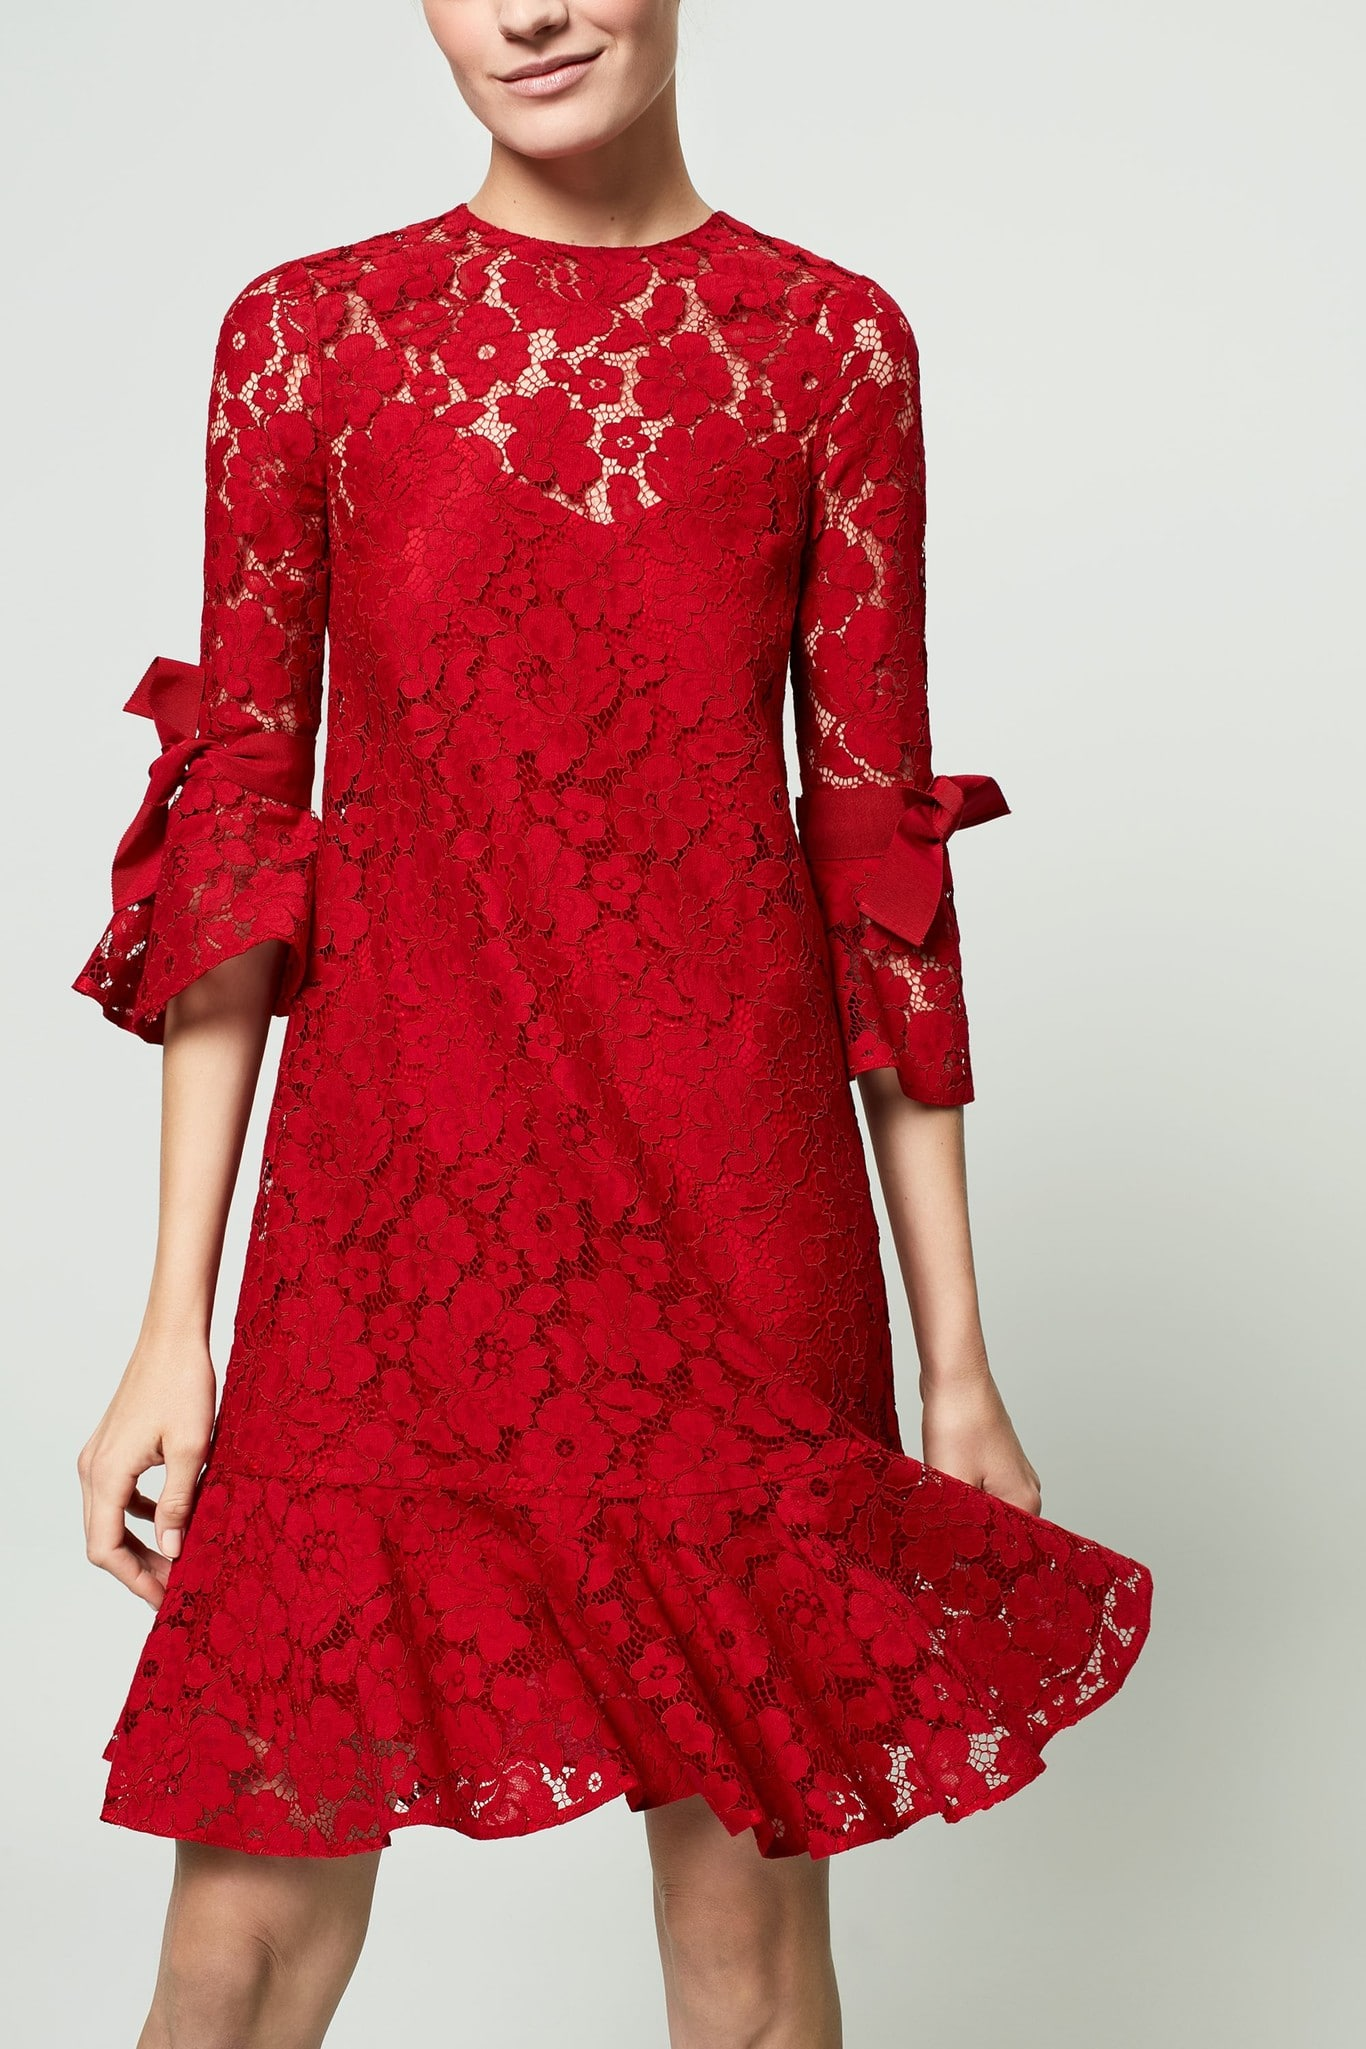 Vestido rojo corto encaje carolina herrera